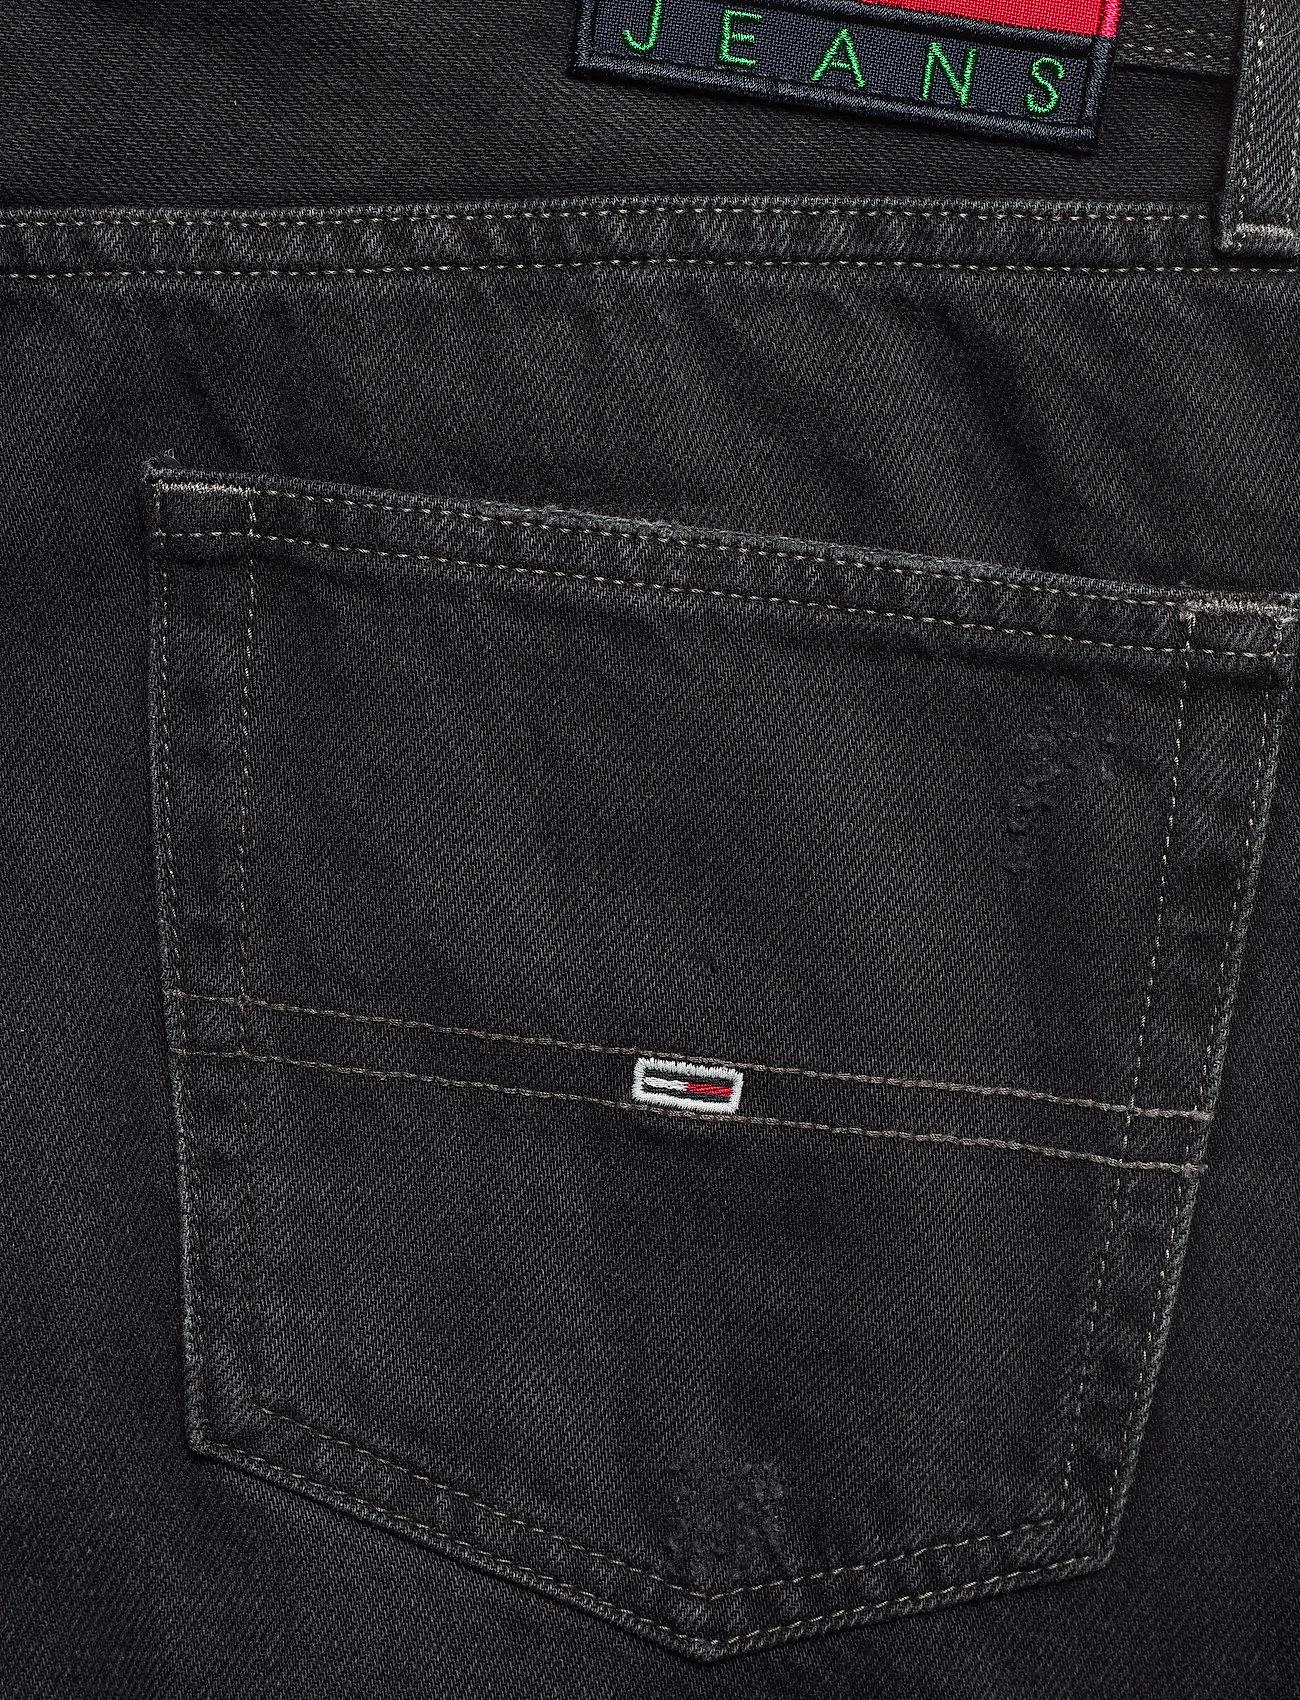 Tommy Jeans - ETHAN RLXD STRAIGHT SSPBBRSD - regular jeans - save sp bk bk rgd spr destr - 4